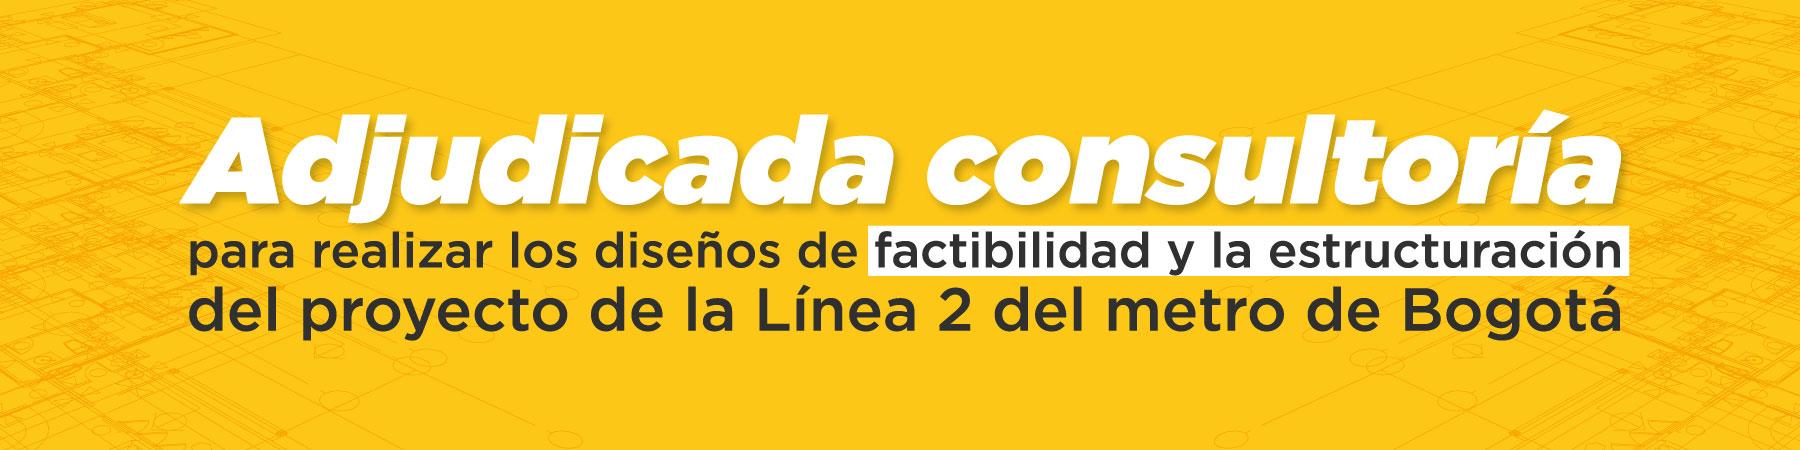 Adjudicada consultoría para realizar los diseños de factibilidad y la estructuración del proyecto de la Línea 2 del metro de Bogotá